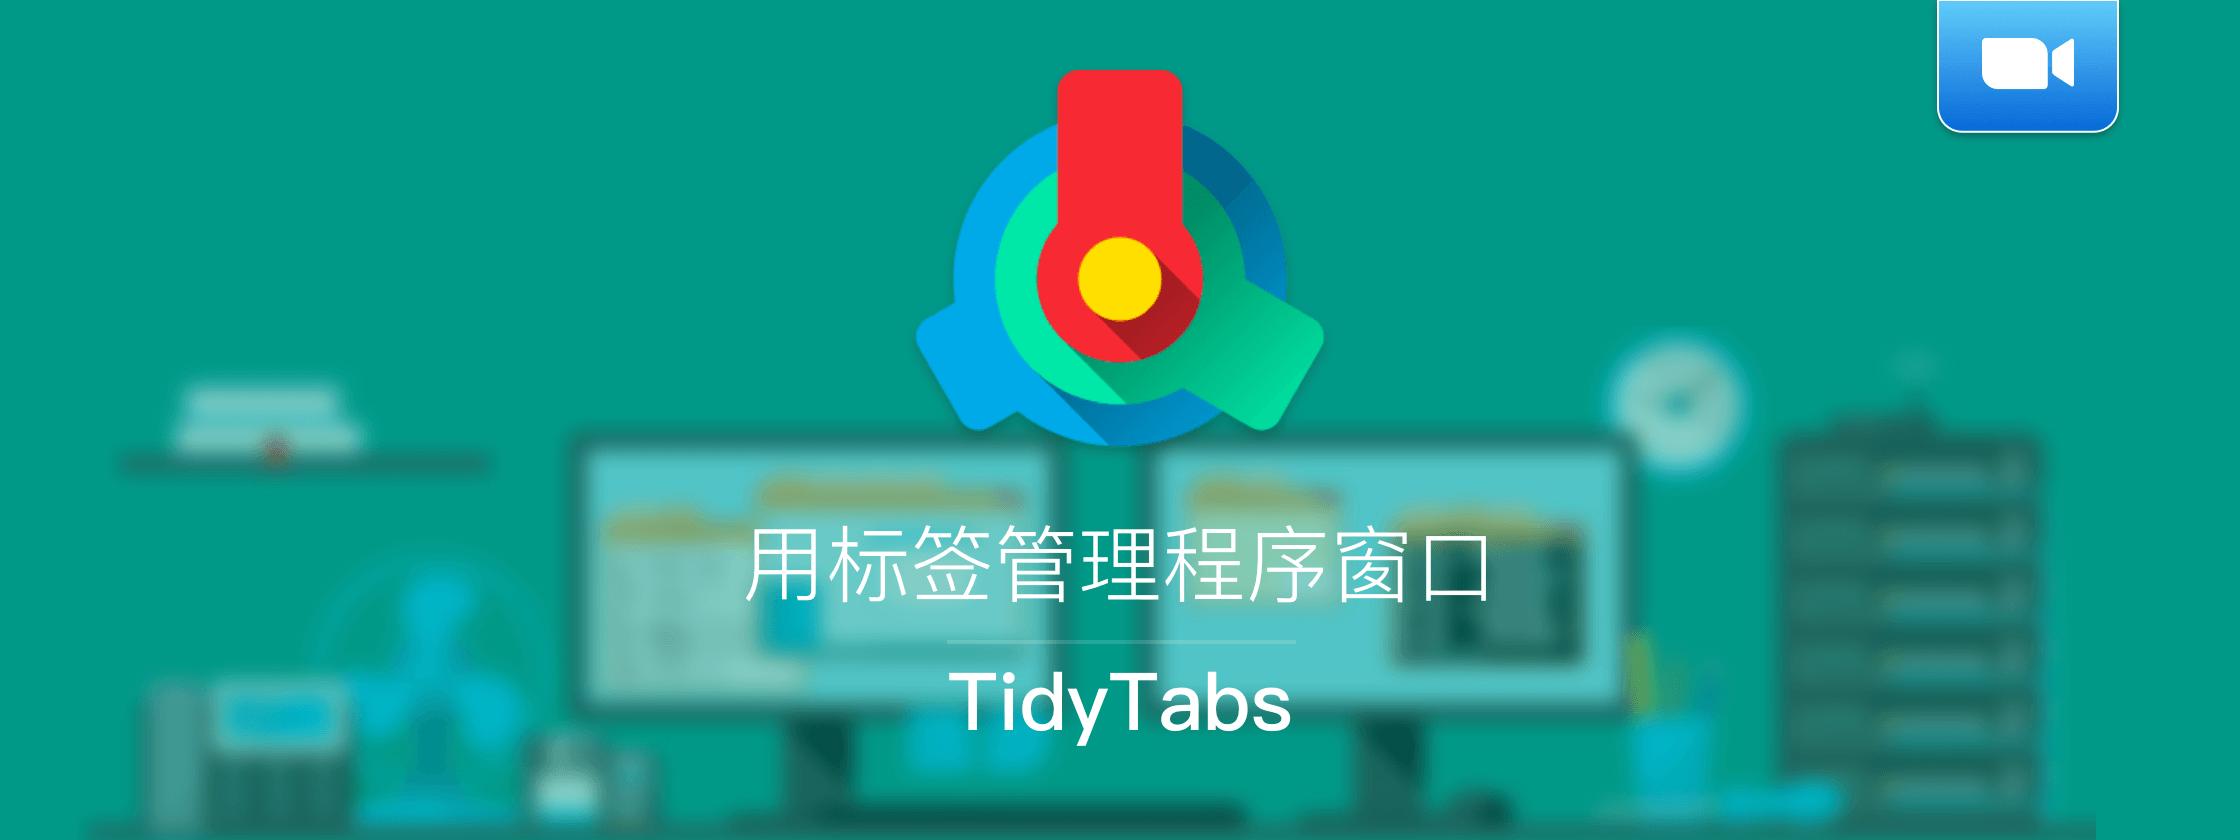 【视频】带你了解窗口管理工具 TidyTabs